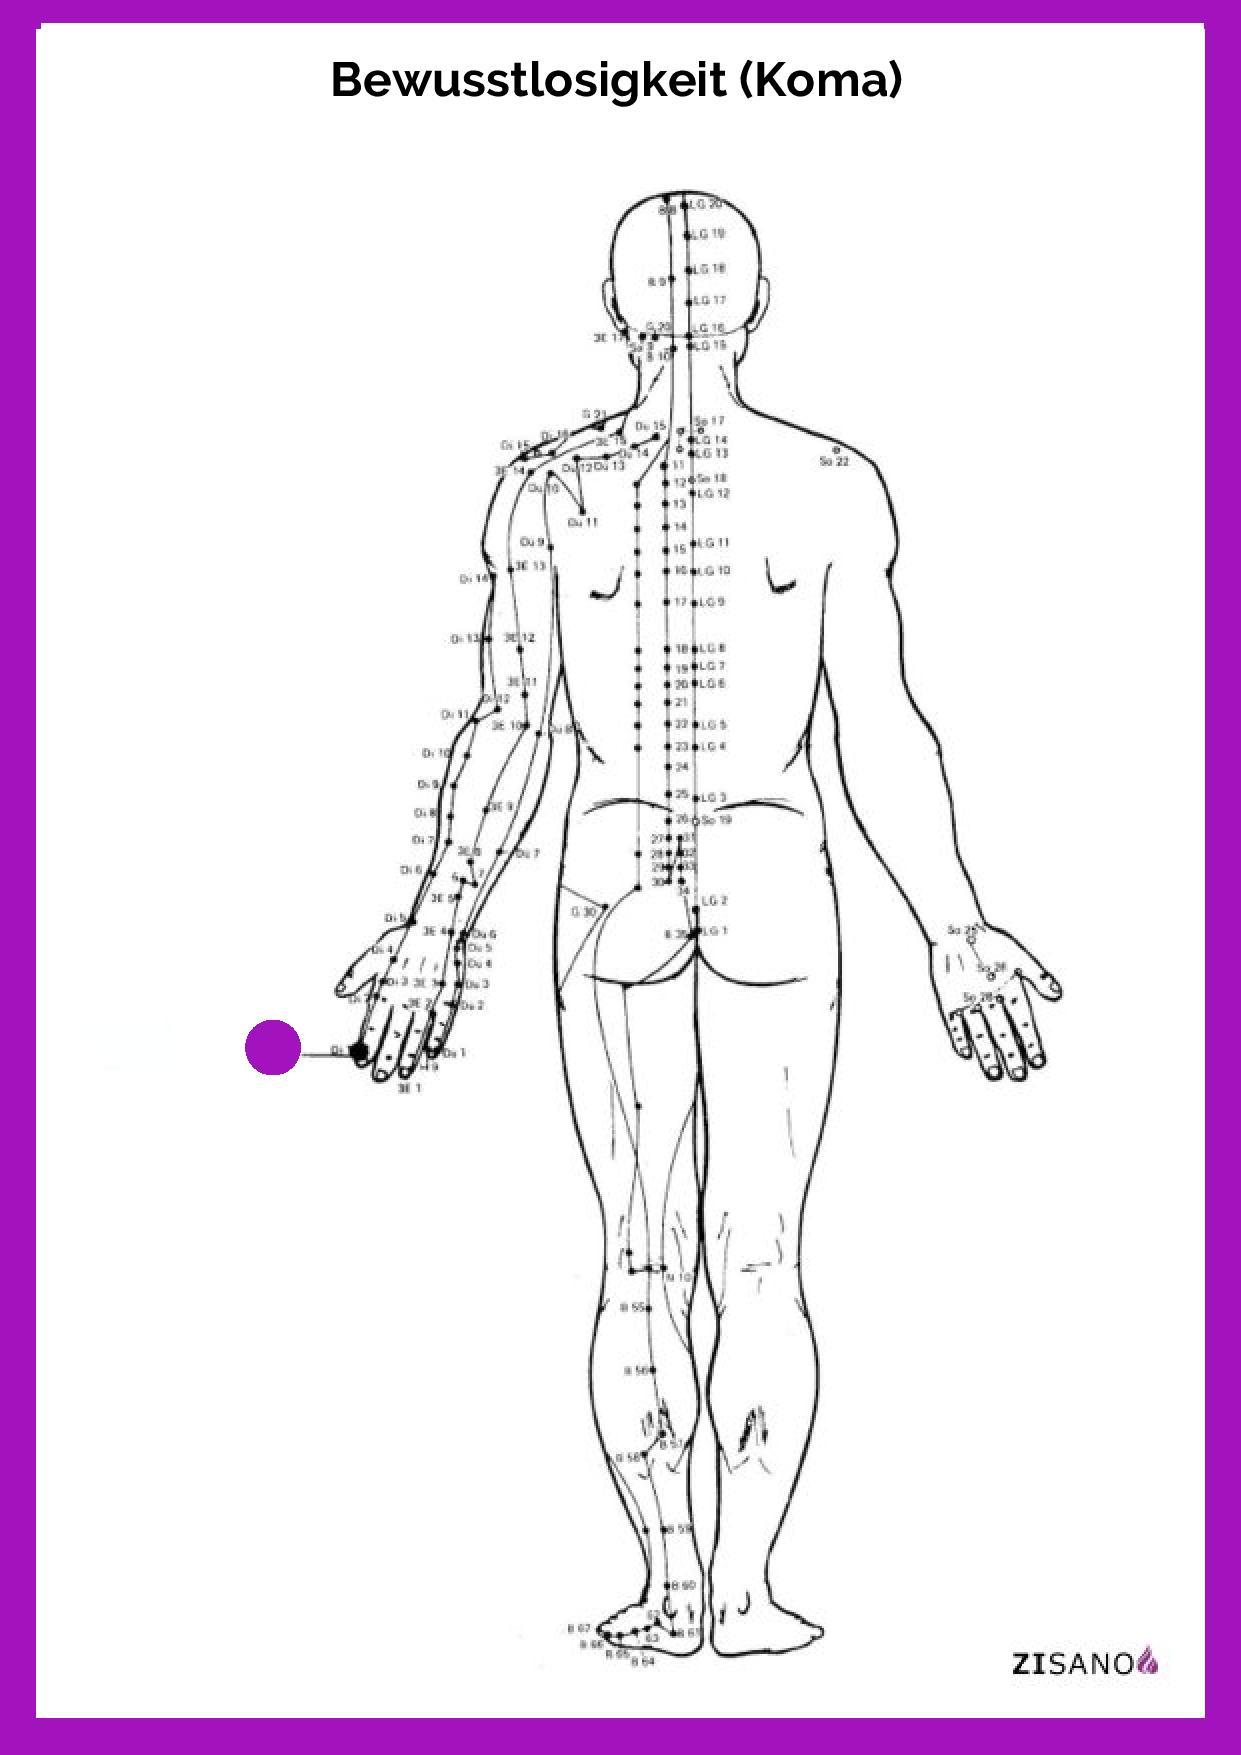 Meridiane - Bewusstlosigkeit (Koma)- Behandlung